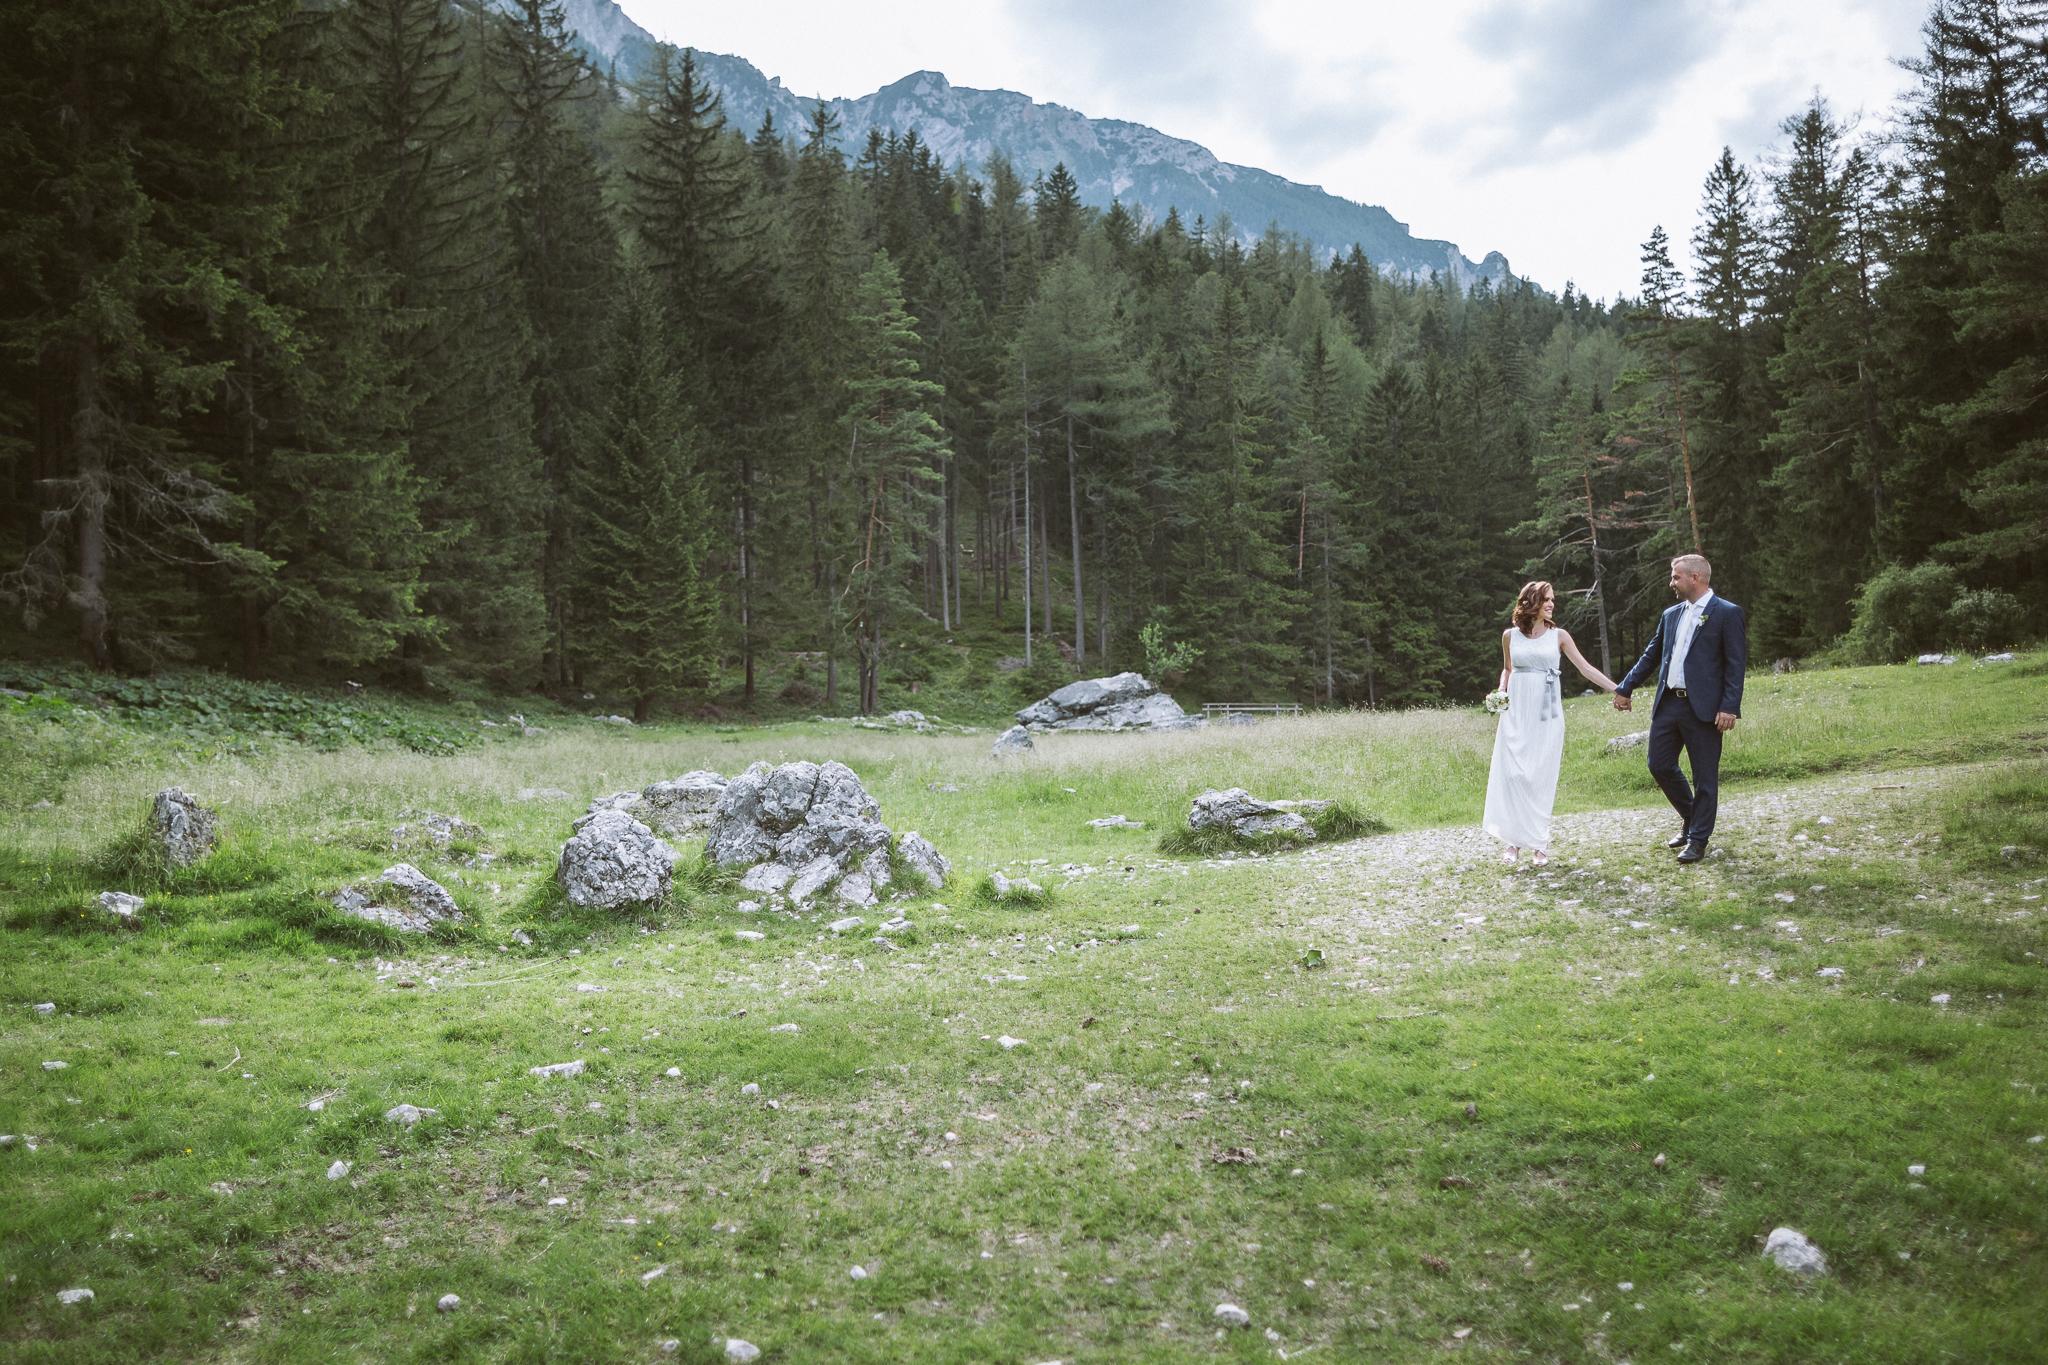 FylepPhoto, esküvőfotózás, magyarország, esküvői fotós, vasmegye, prémium, jegyesfotózás, Fülöp Péter, körmend, kreatív, grüner see_25.jpg